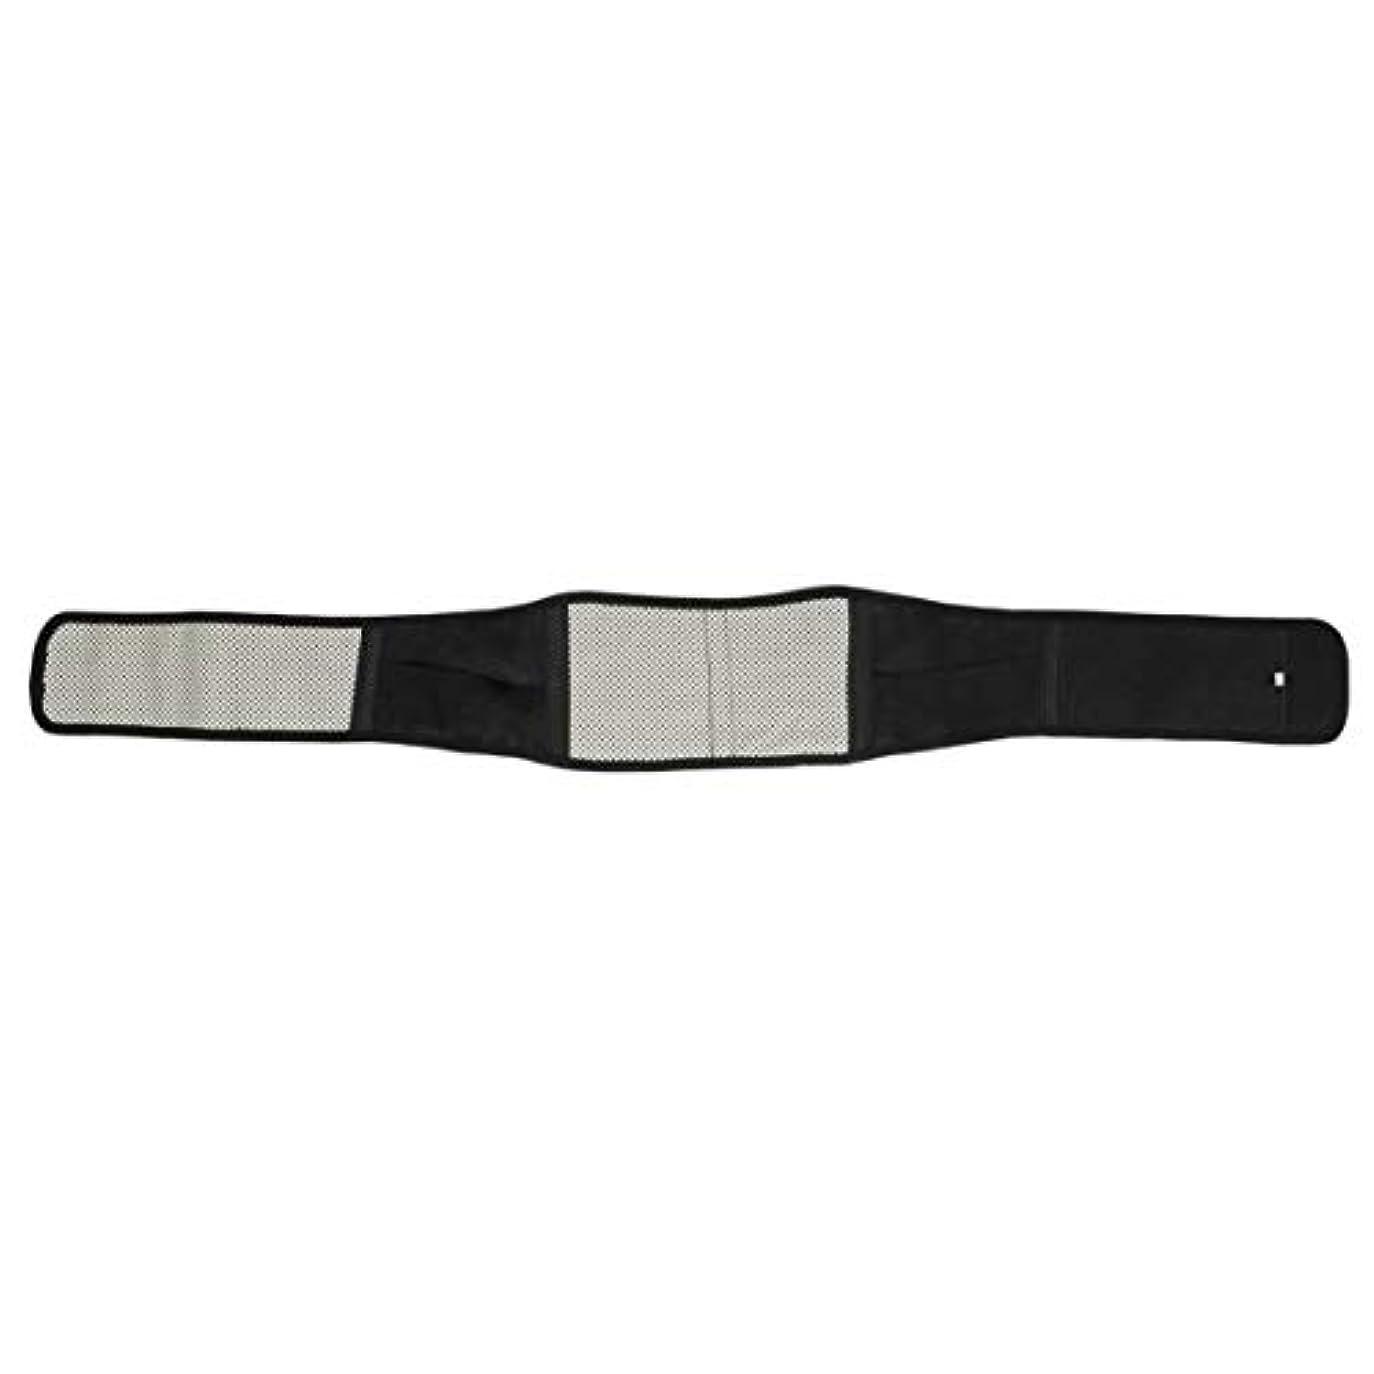 名義で裂け目科学者腰部サポート痛みマッサージャー赤外線磁気バックブレース自己加熱療法ウエストベルト調節可能な姿勢ベルト